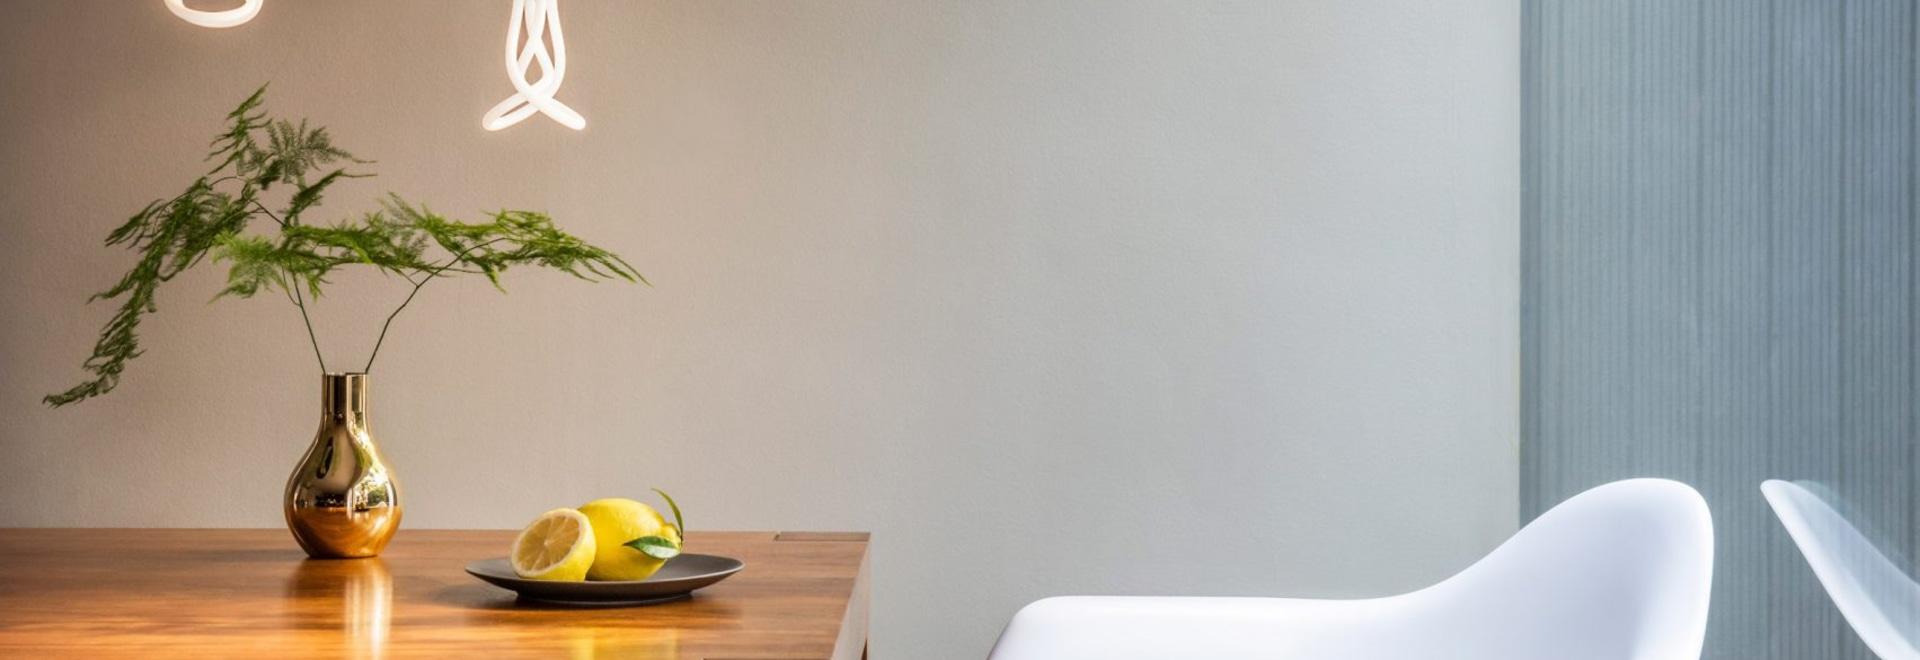 Plumen crea la versión del LED del diseño de la bombilla Año-que gana 001